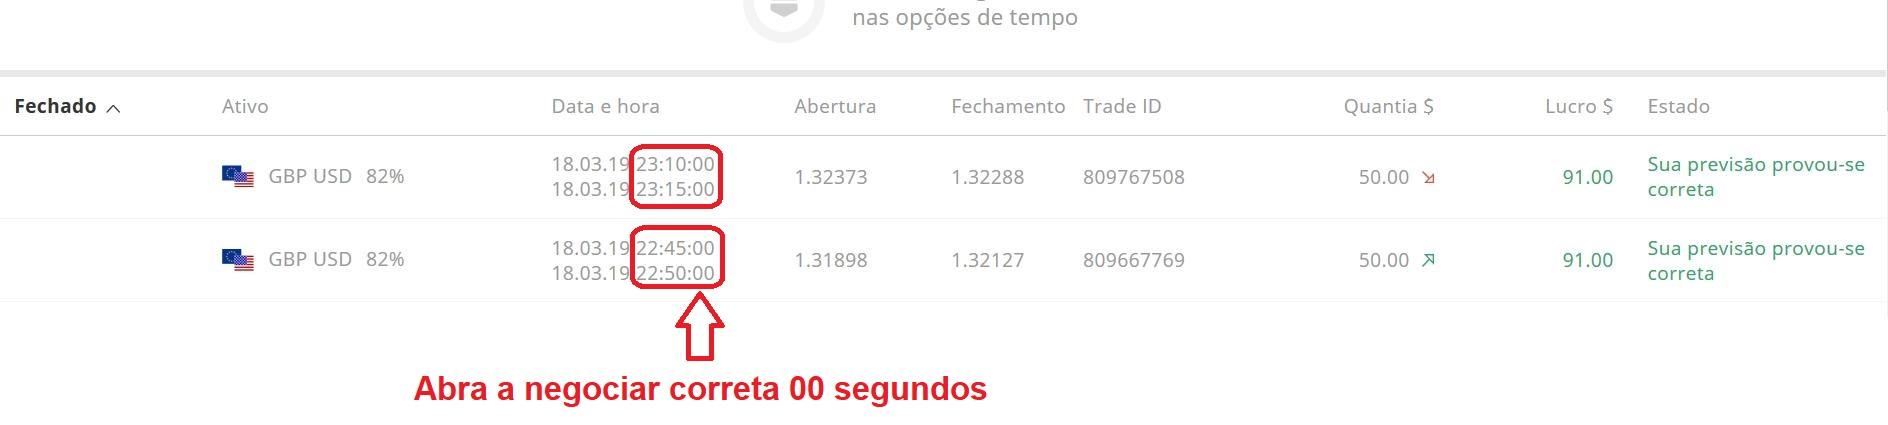 Log de transações da Olymp Trade em 13 de março